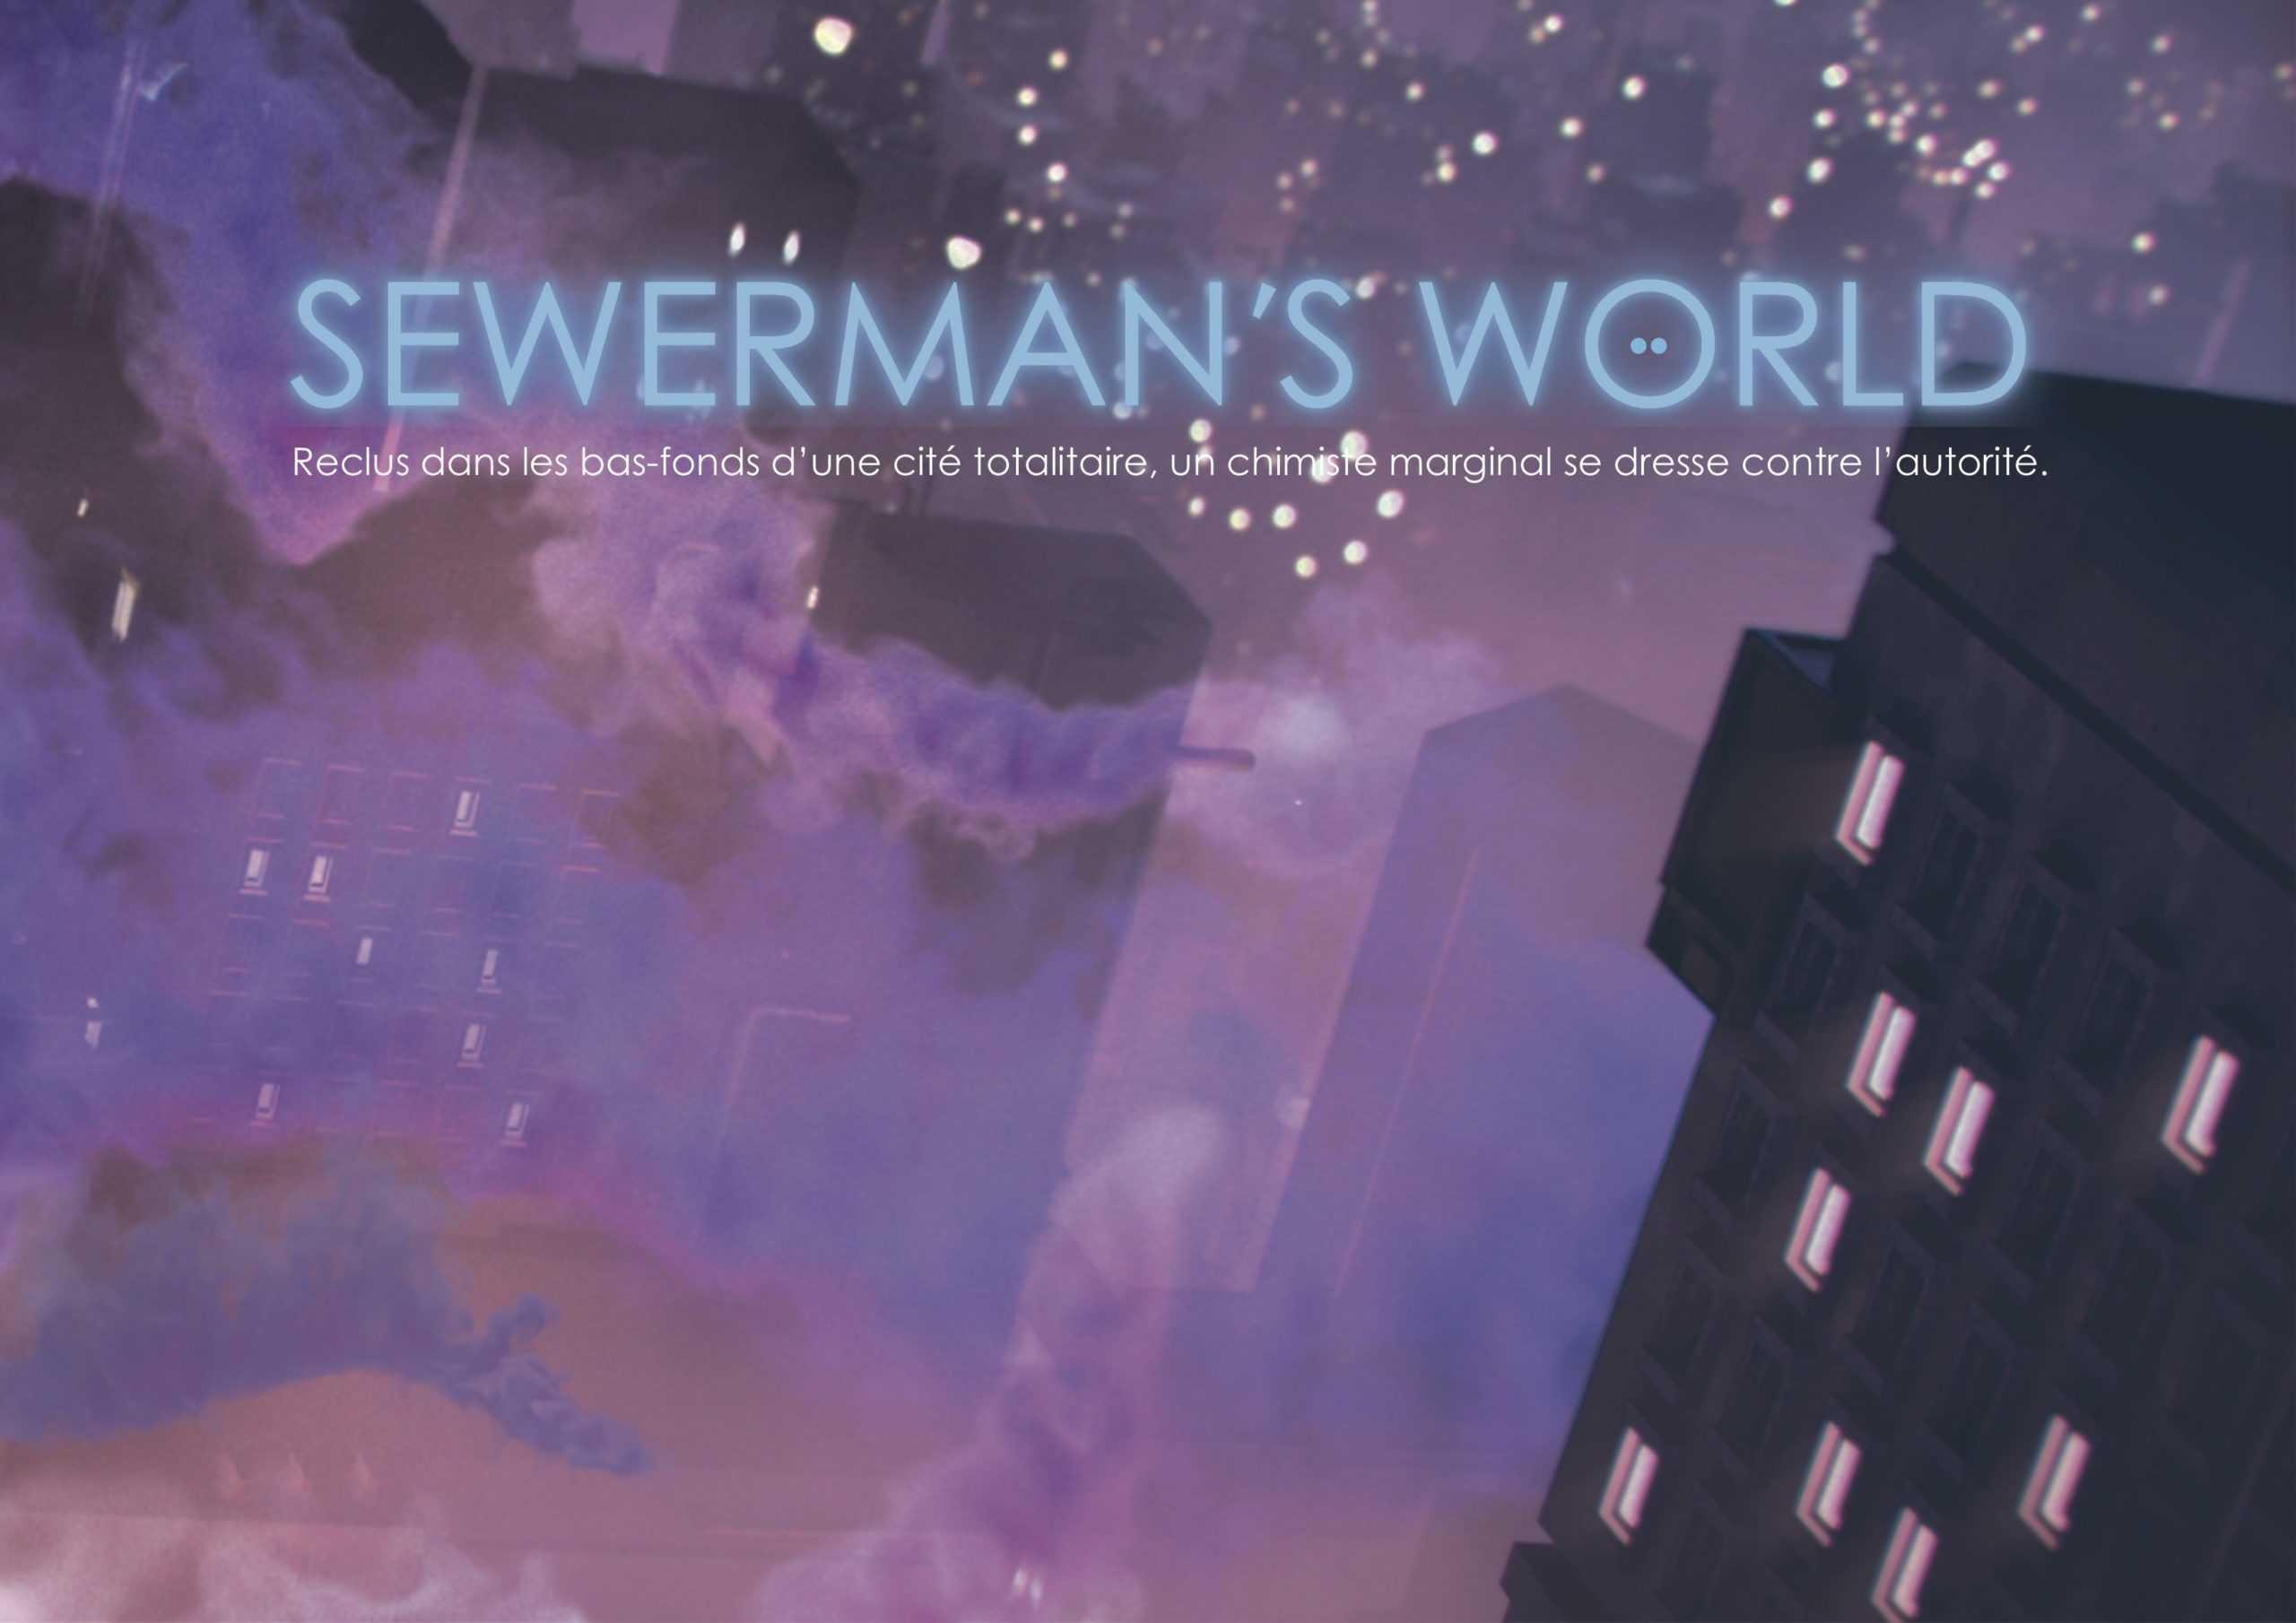 sewermans-wordl-bis-scaled.jpg